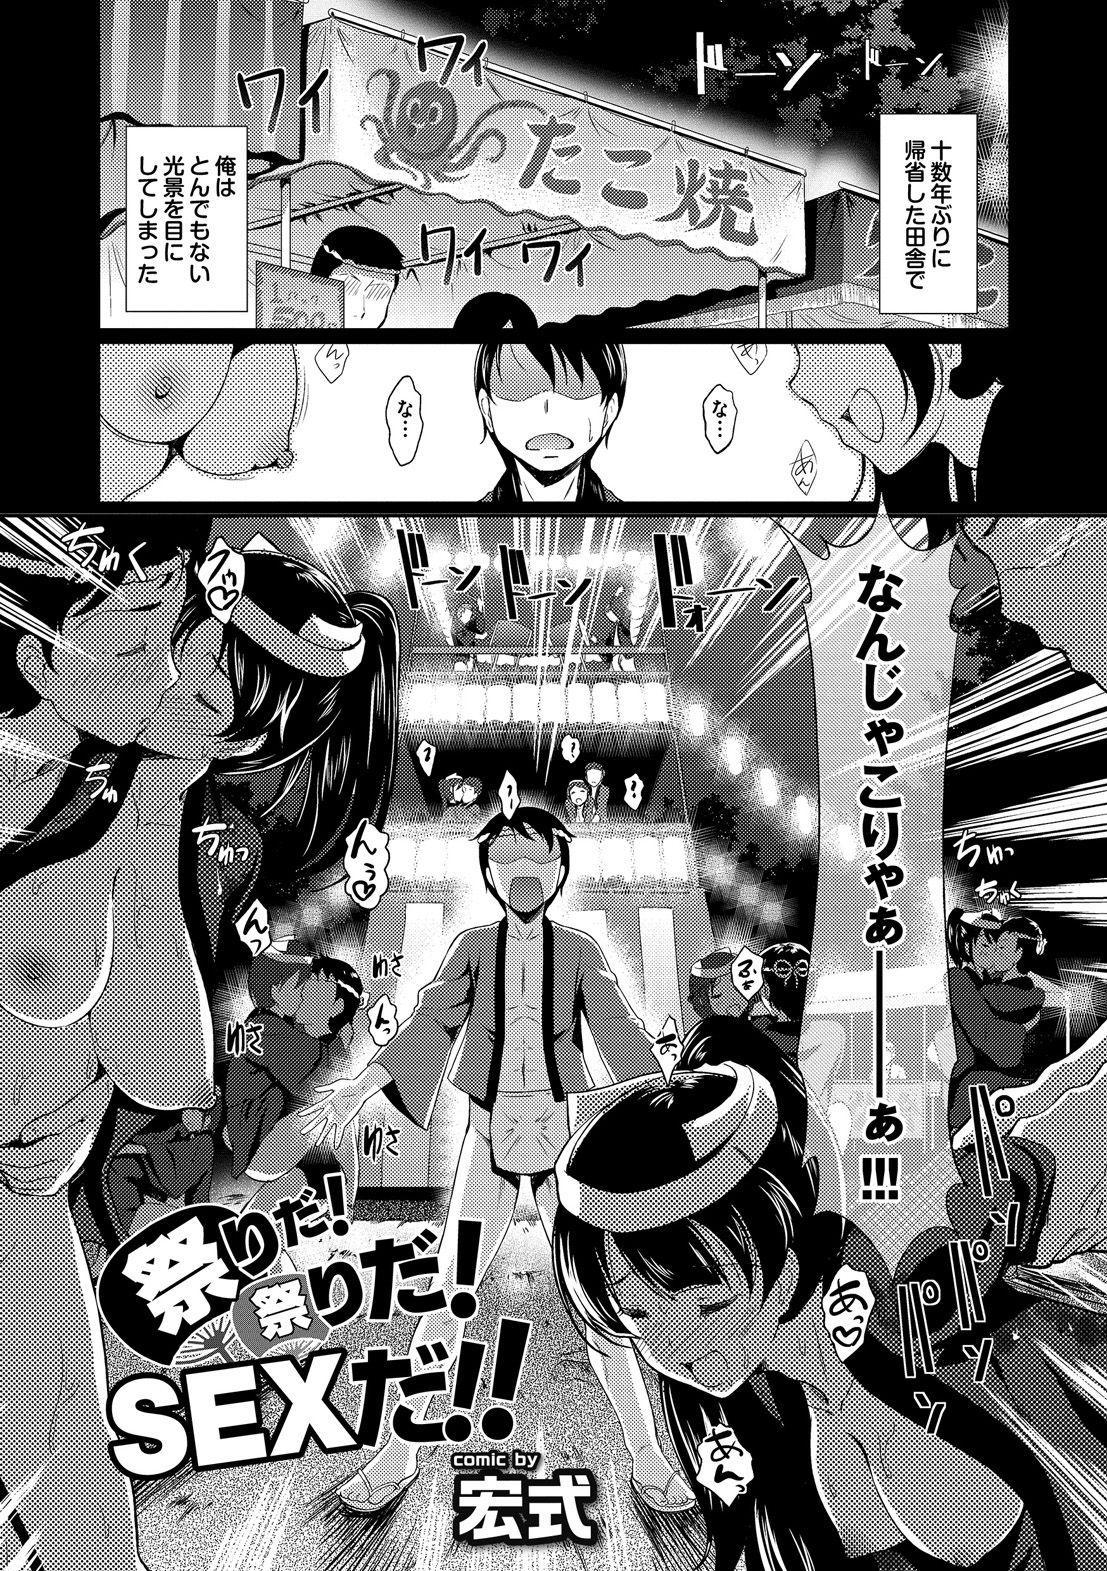 Natsu Manki! Yukata Otome SEX 78